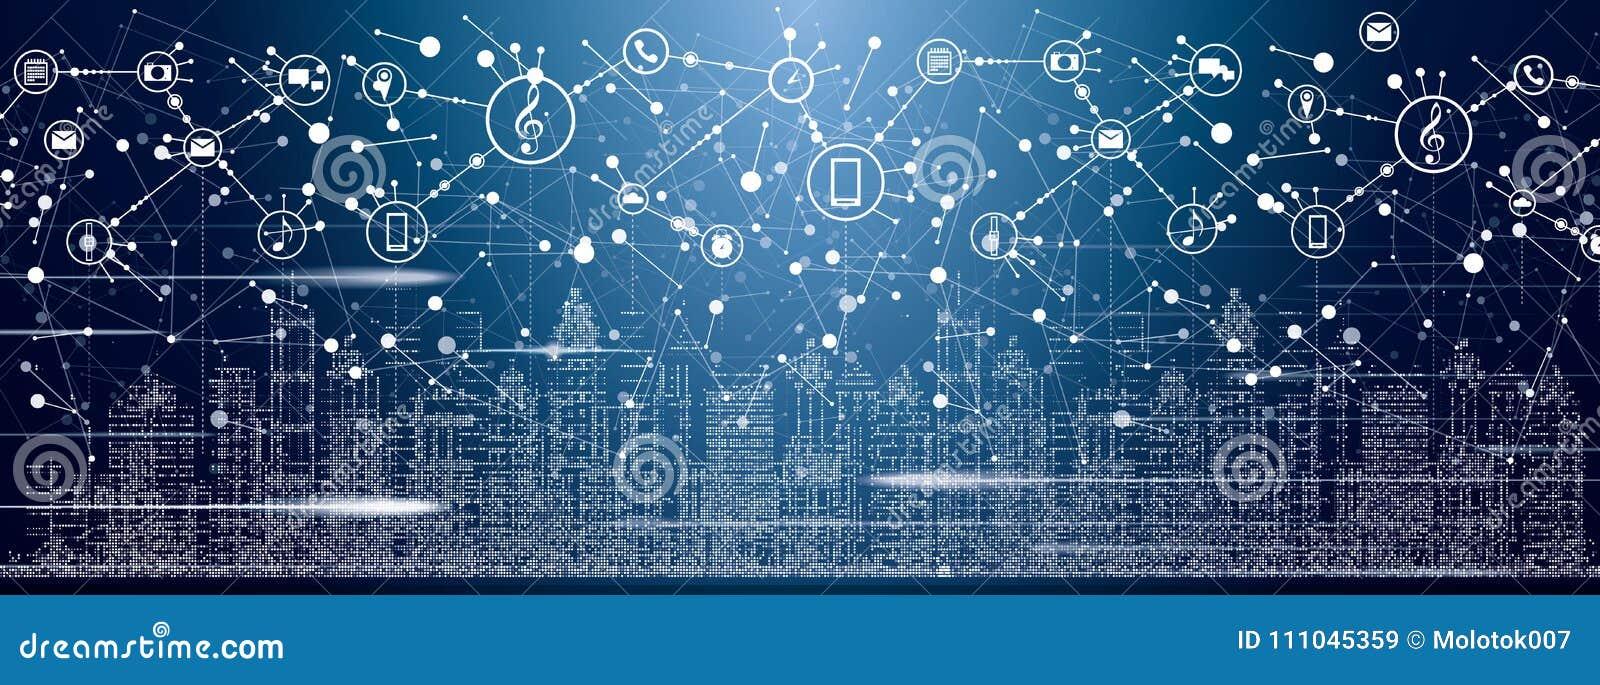 Умный город с неоновыми зданиями, сетями и интернетом вещей